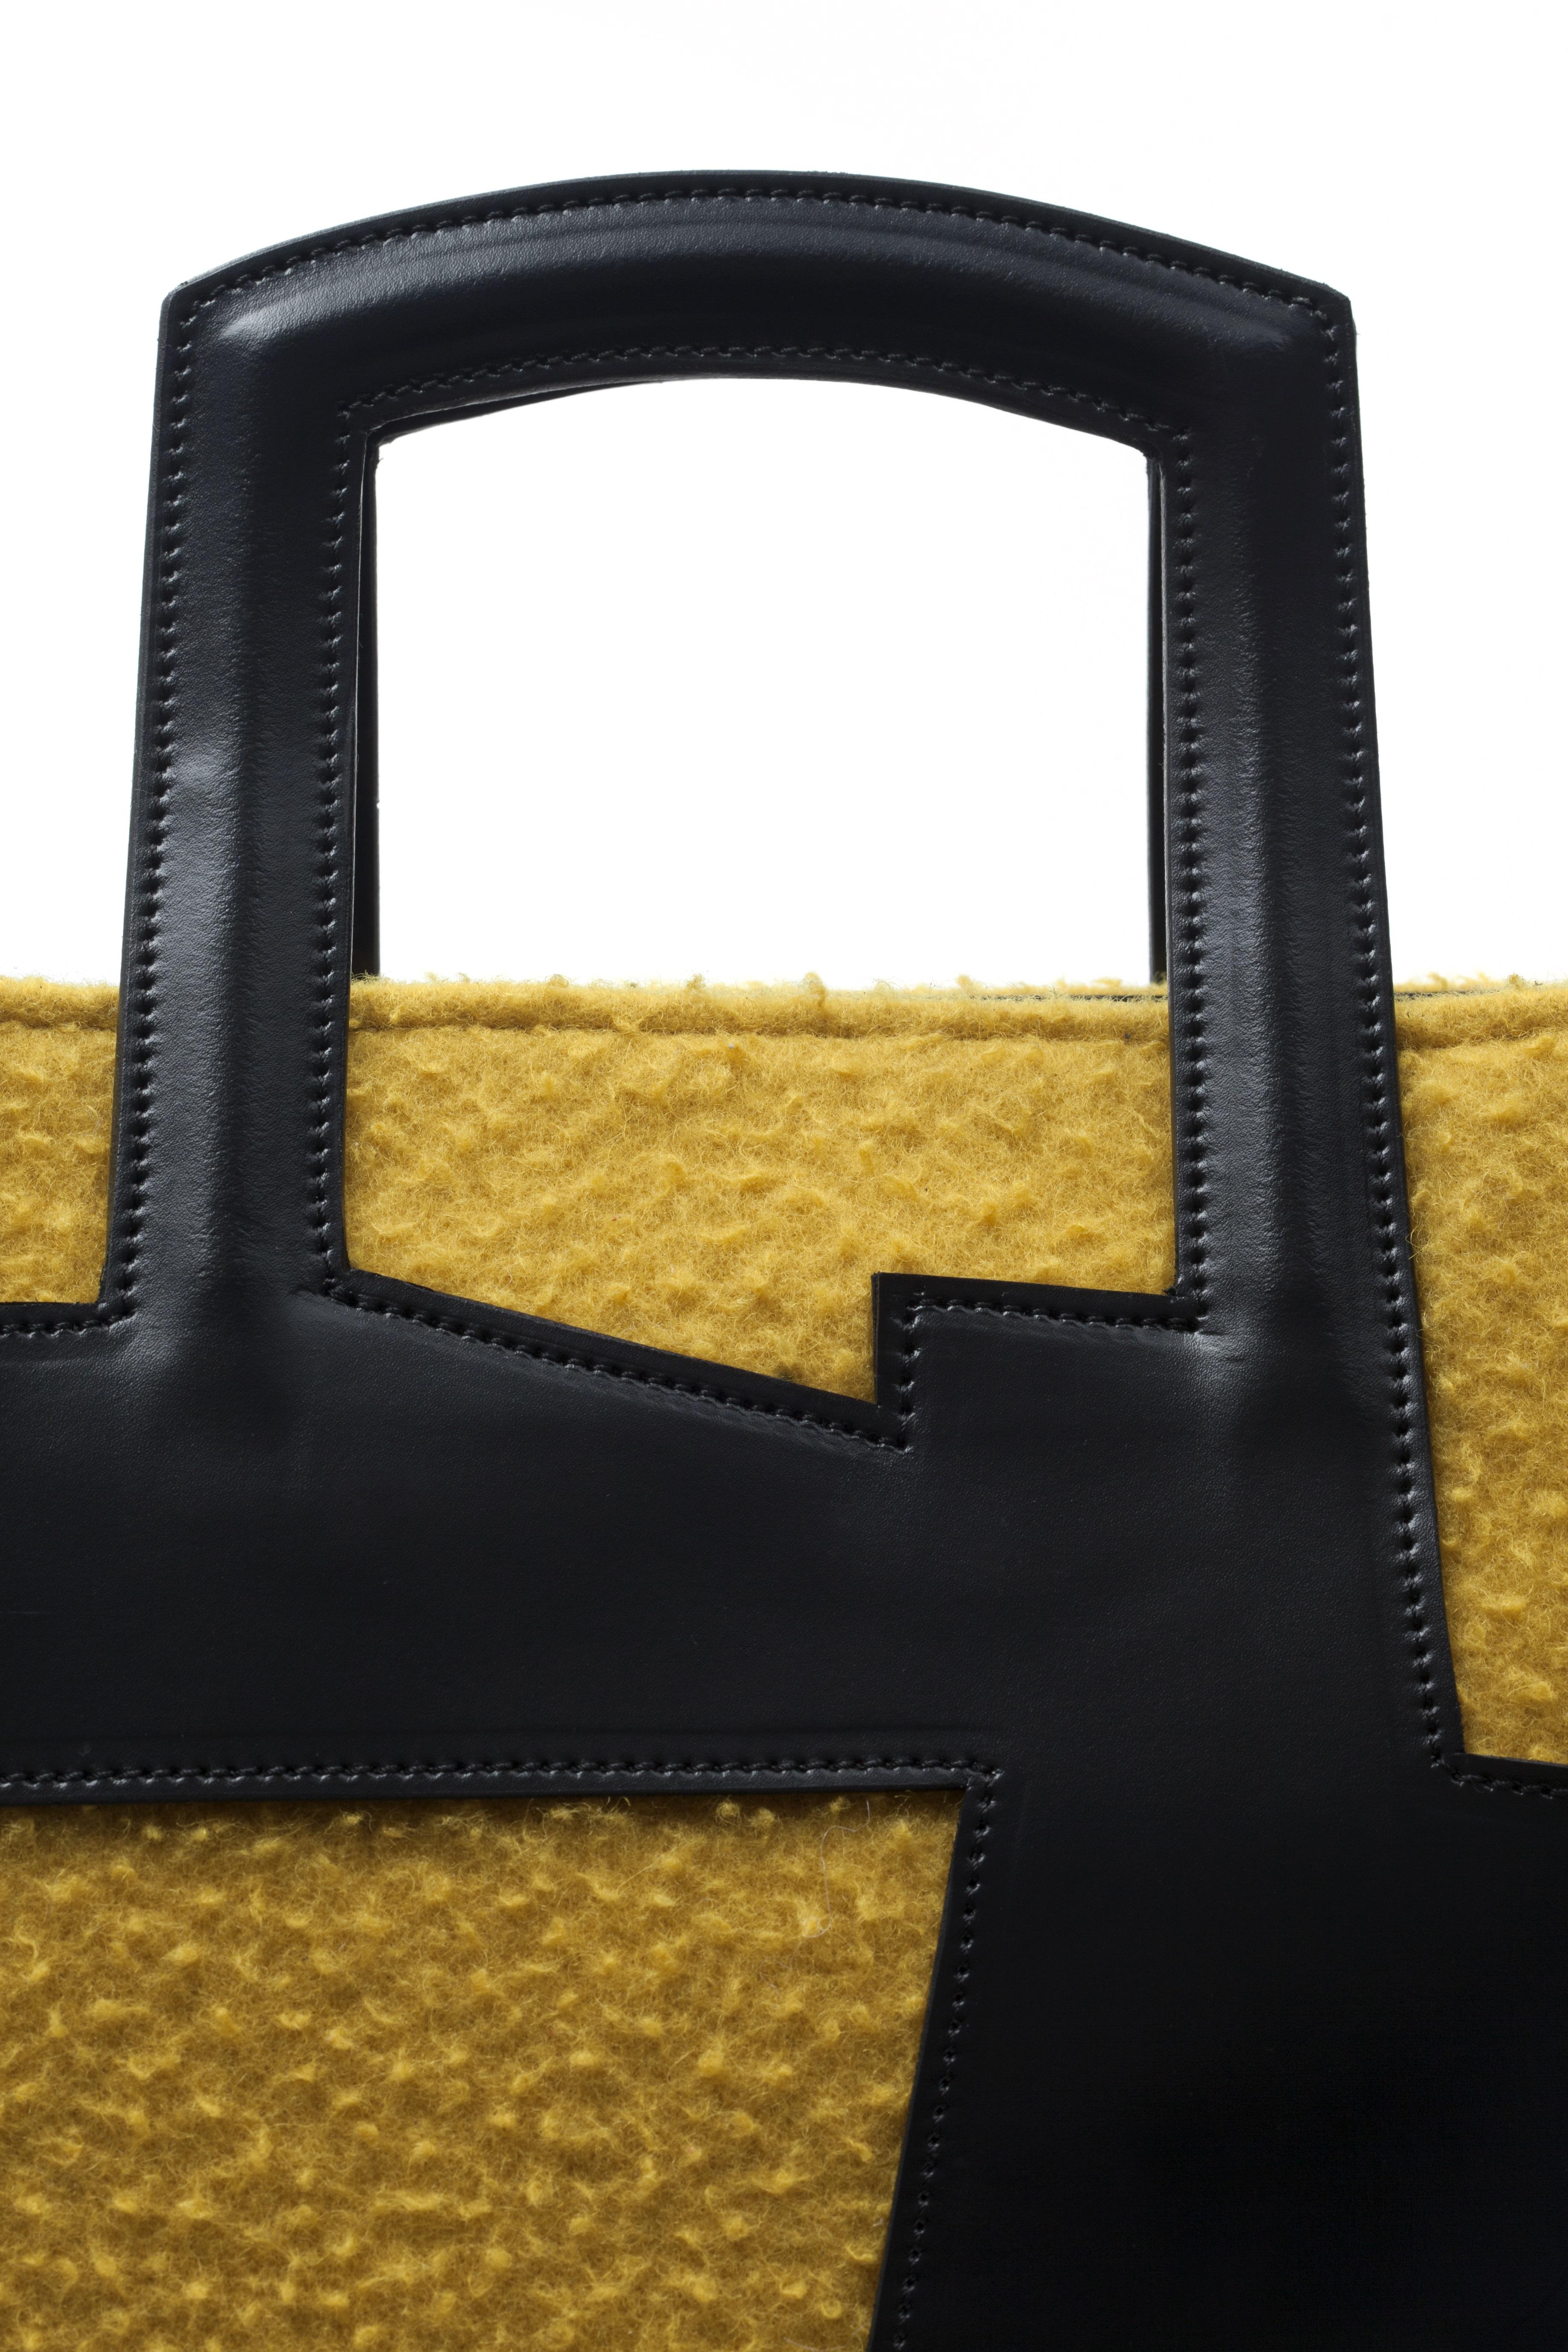 Detalhe do acabamento e da costura da bolsa Raízes, feita completamente à mão.